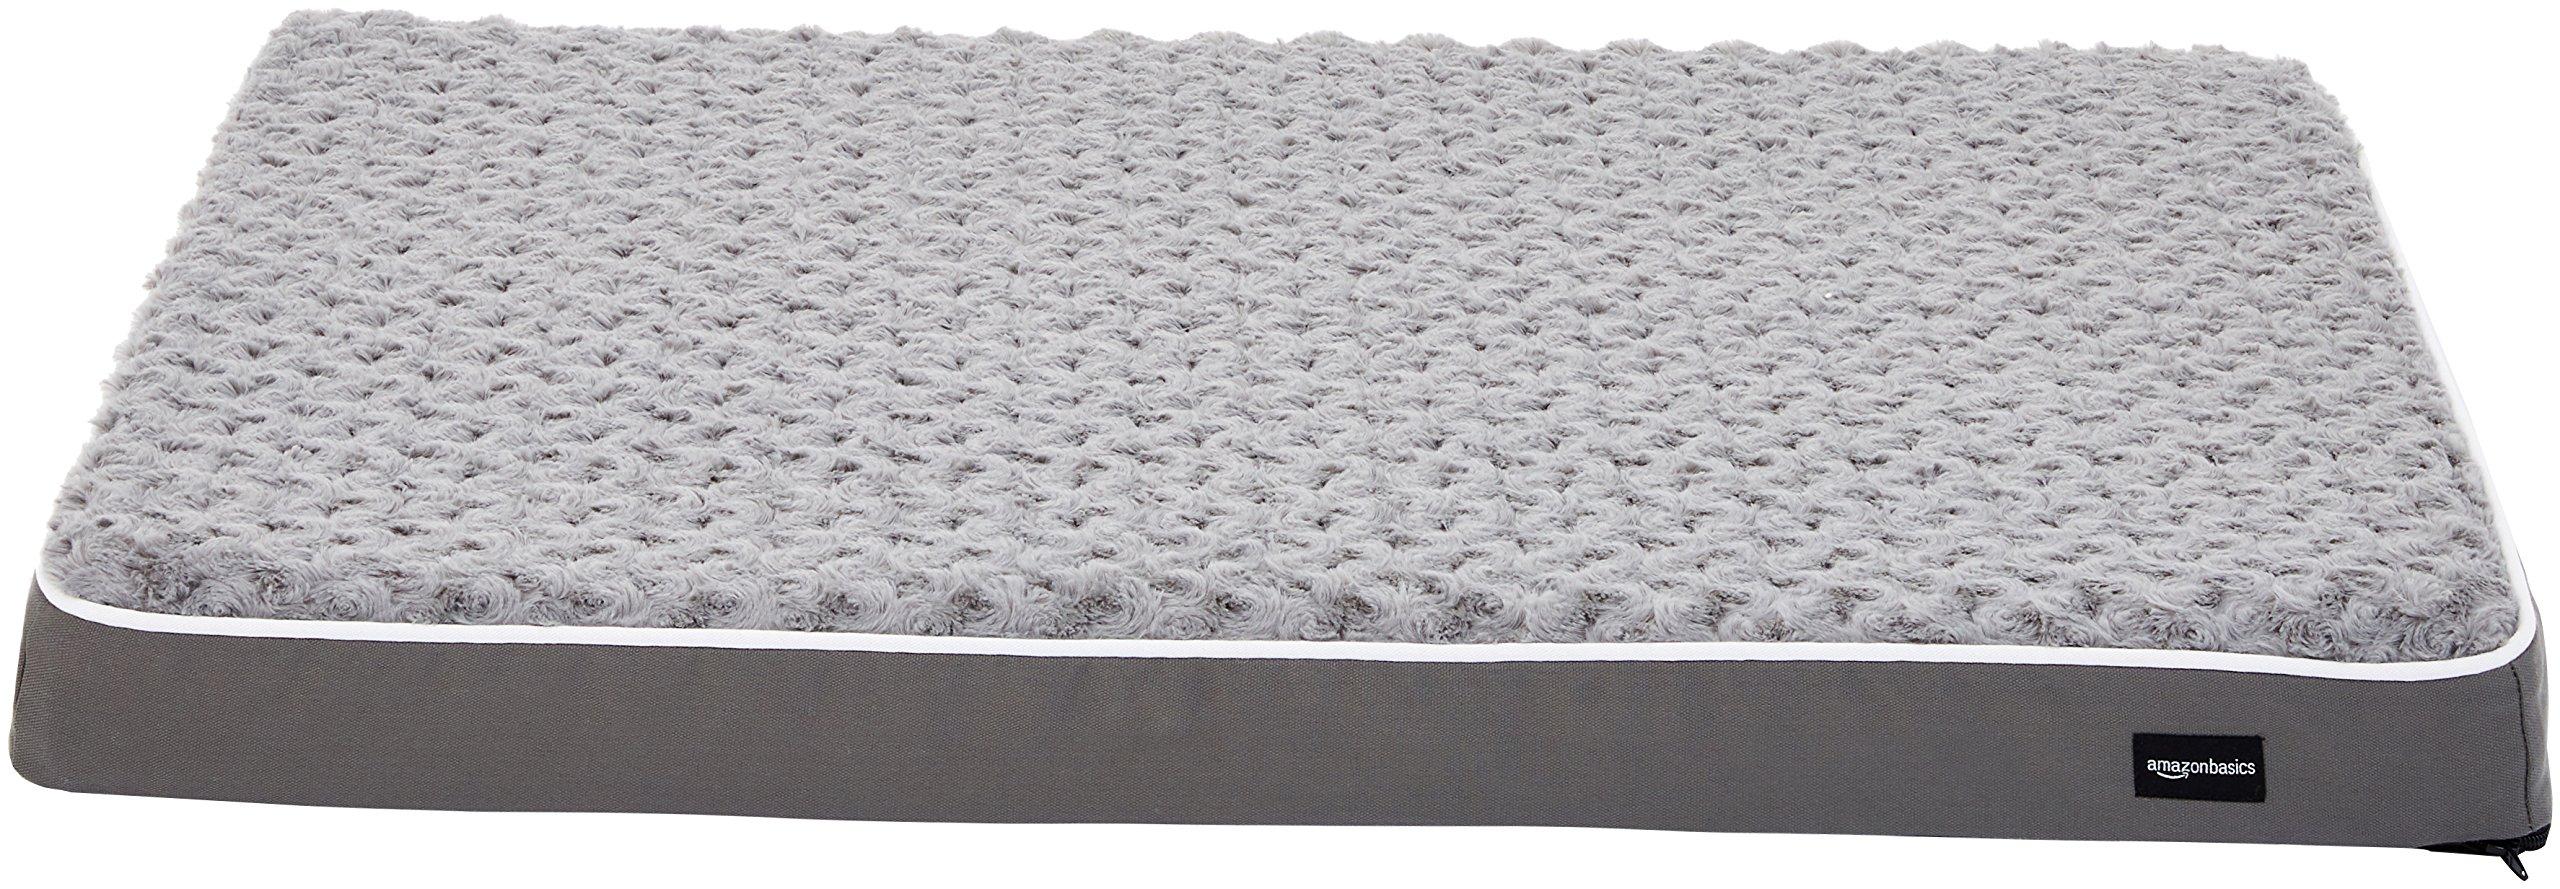 AmazonBasics Ergonomic Foam Pet Dog Bed - 27 x 36 Inches, Grey by AmazonBasics